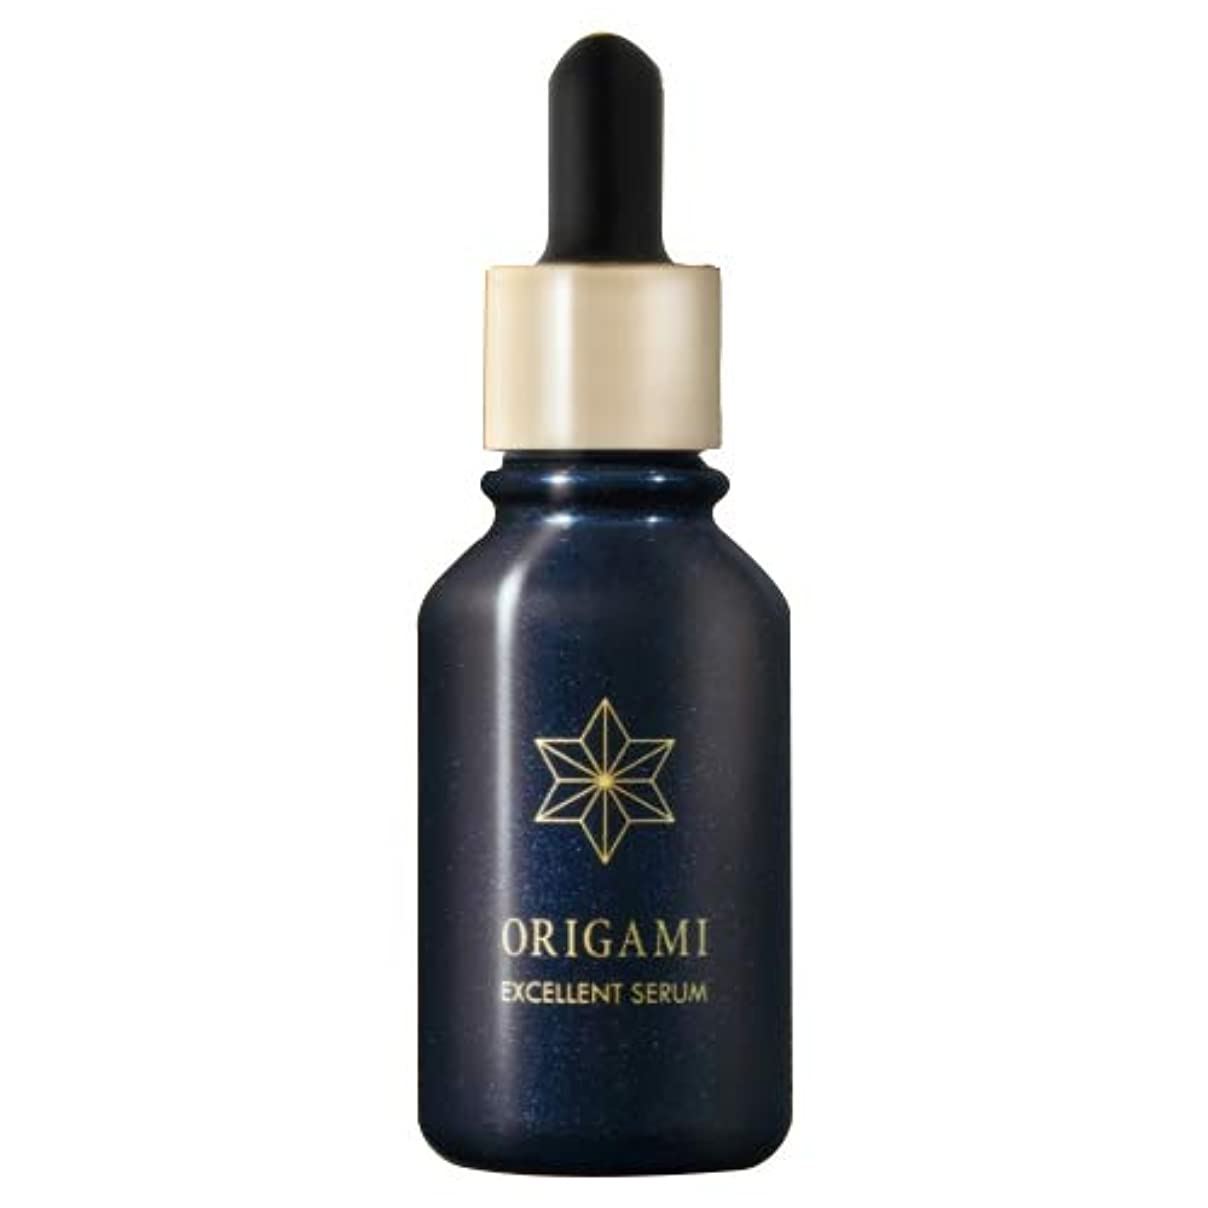 余暇予測する職人ORIGAMI エクセレントセラム 保湿美容液 40ml ヒト幹細胞培養液配合